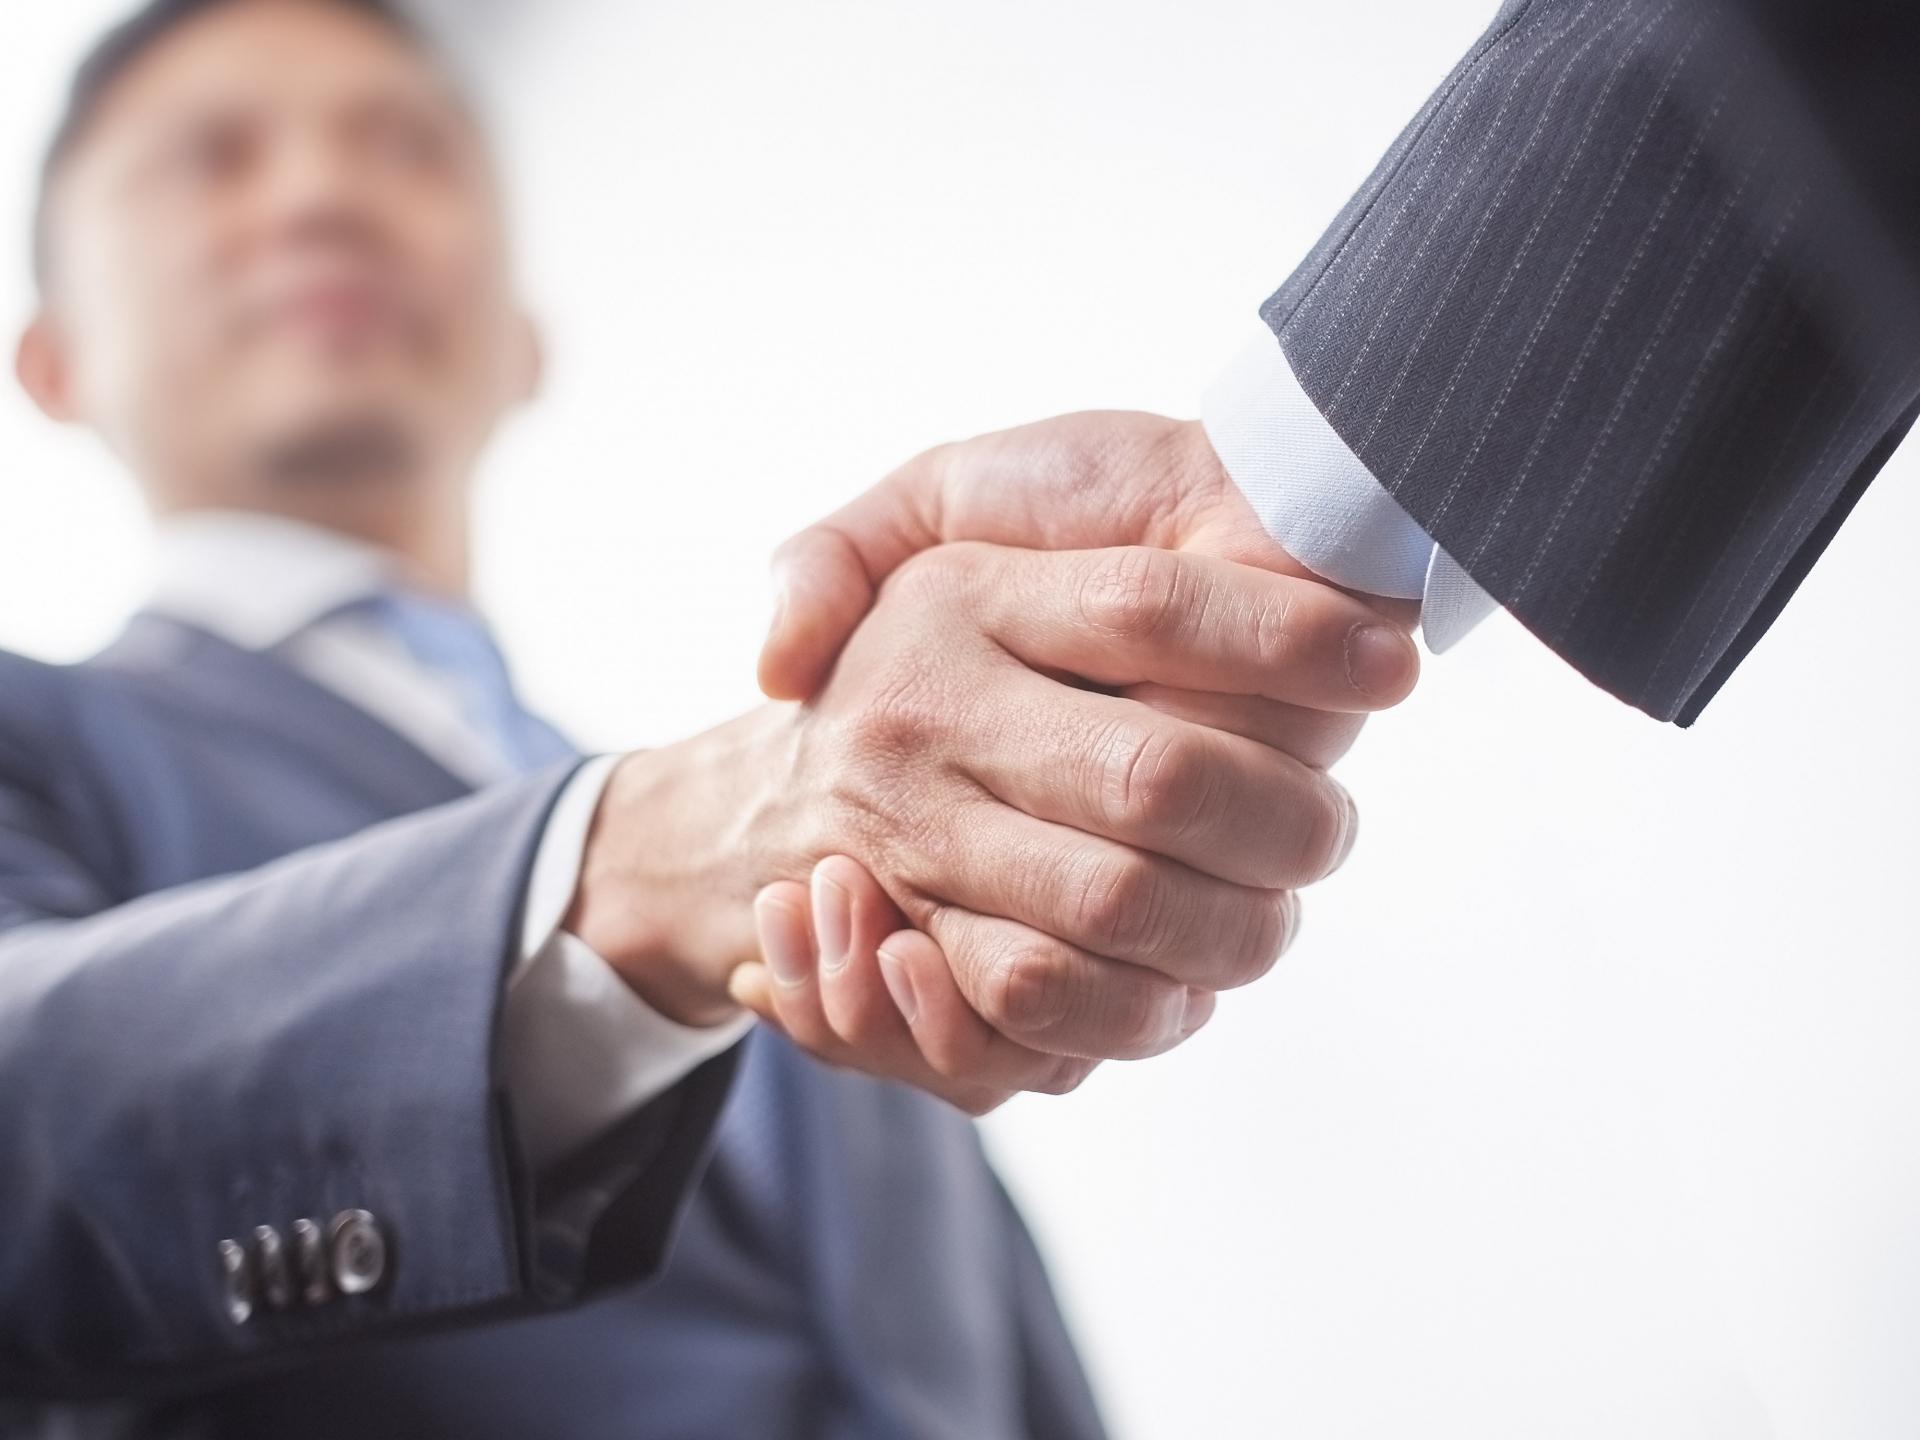 握手をする2人の男性